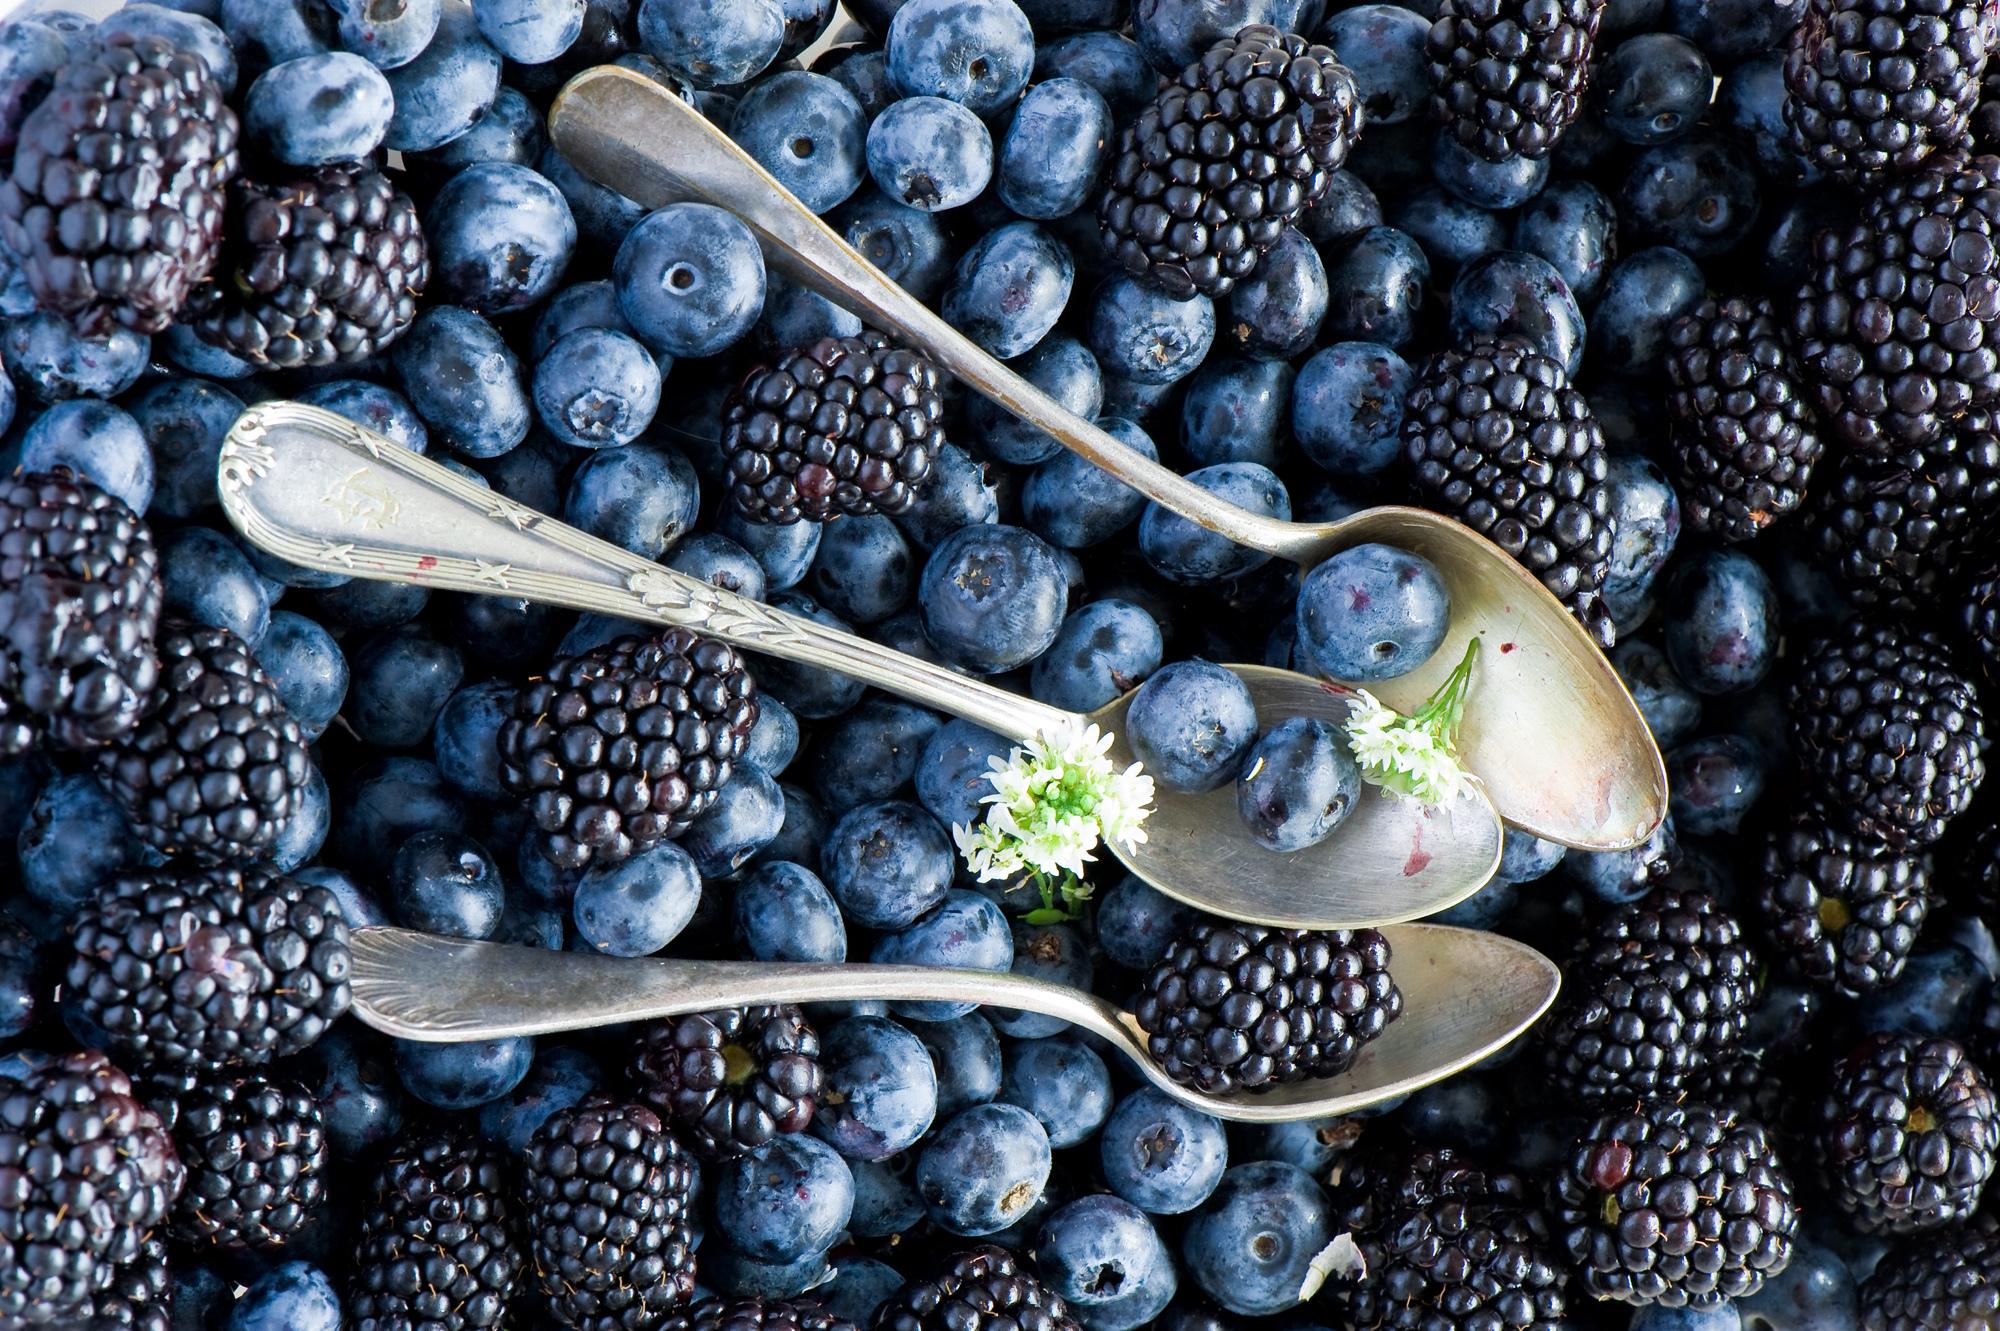 97171 Hintergrundbild herunterladen Lebensmittel, Blaubeeren, Berries, Blackberry, Löffel - Bildschirmschoner und Bilder kostenlos